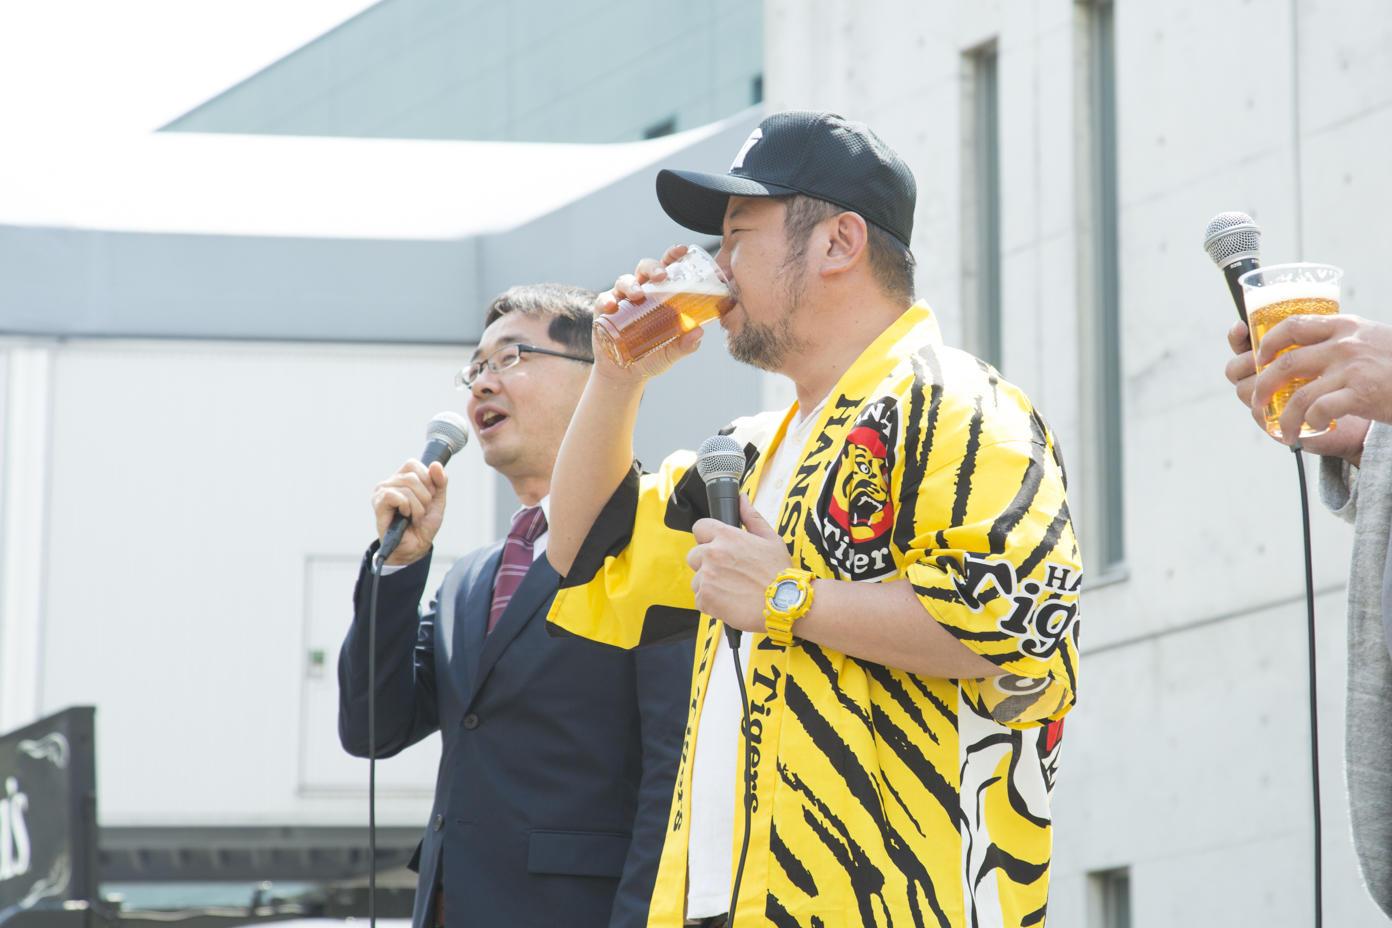 http://news.yoshimoto.co.jp/20170430092456-c68ead4eff255351146158ffb219795d6d64980a.jpg